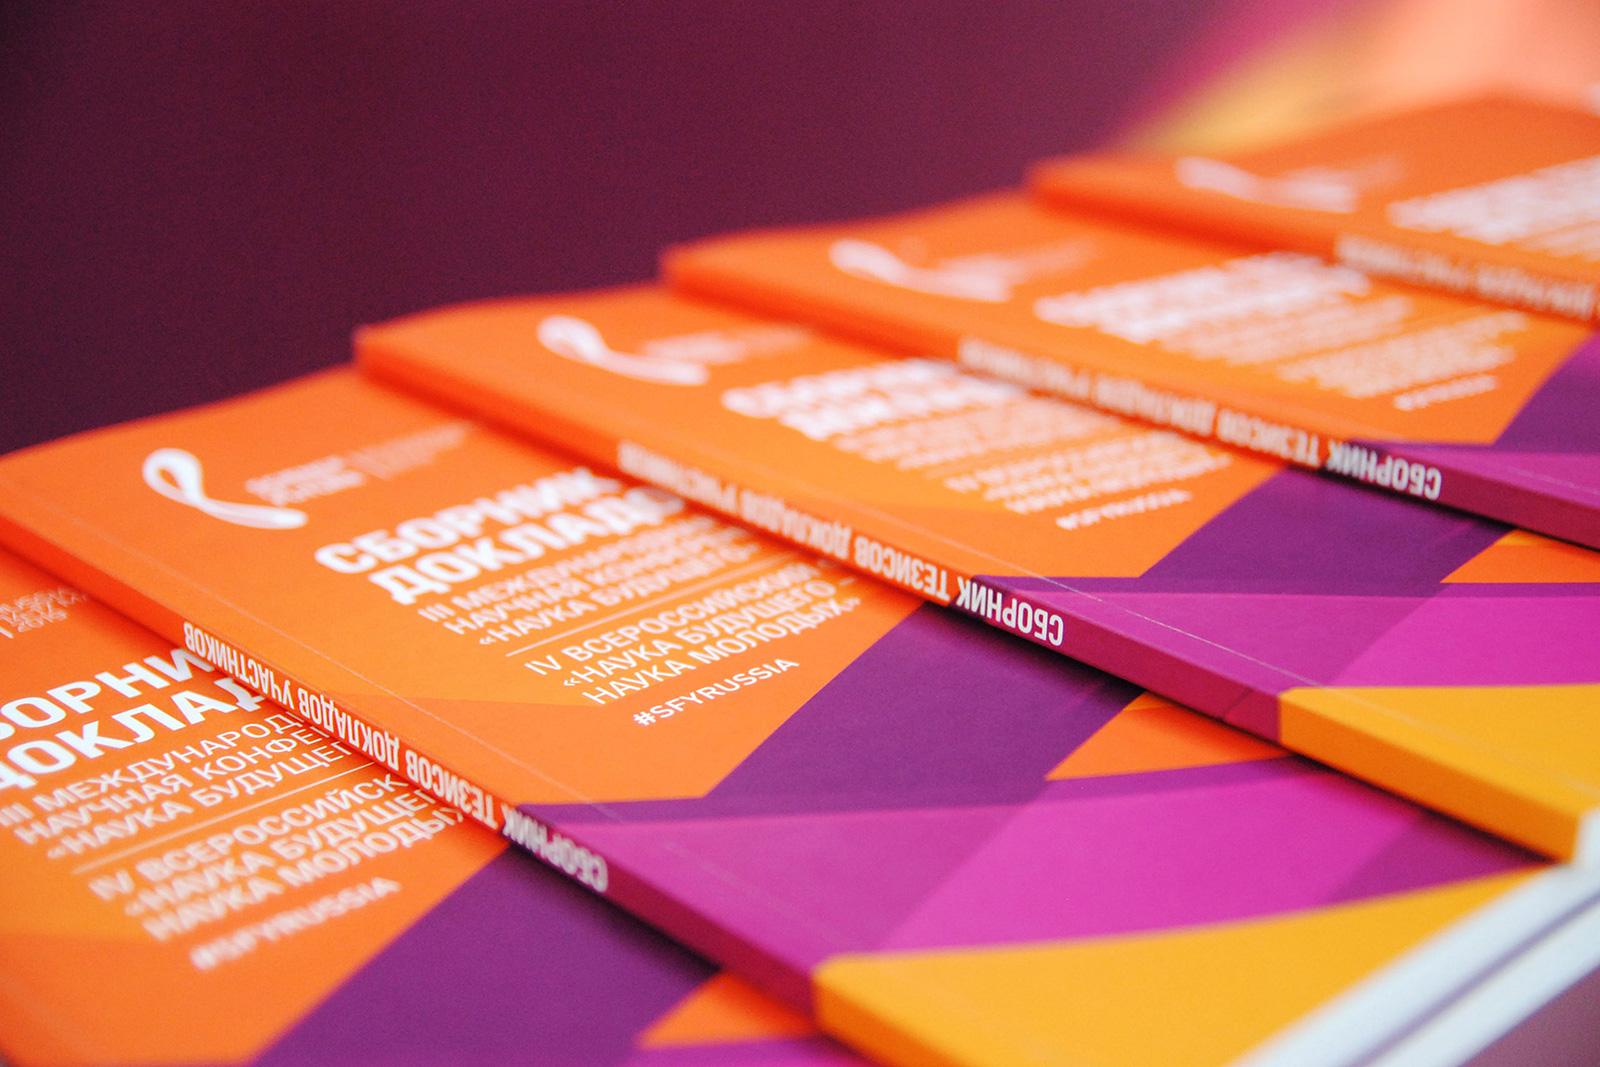 Асгард Брендинг, фирменный стиль, дизайн брошюр, айдентика, лого, Наука будущего, центр сириус, конференция, дизайн, графический дизайн